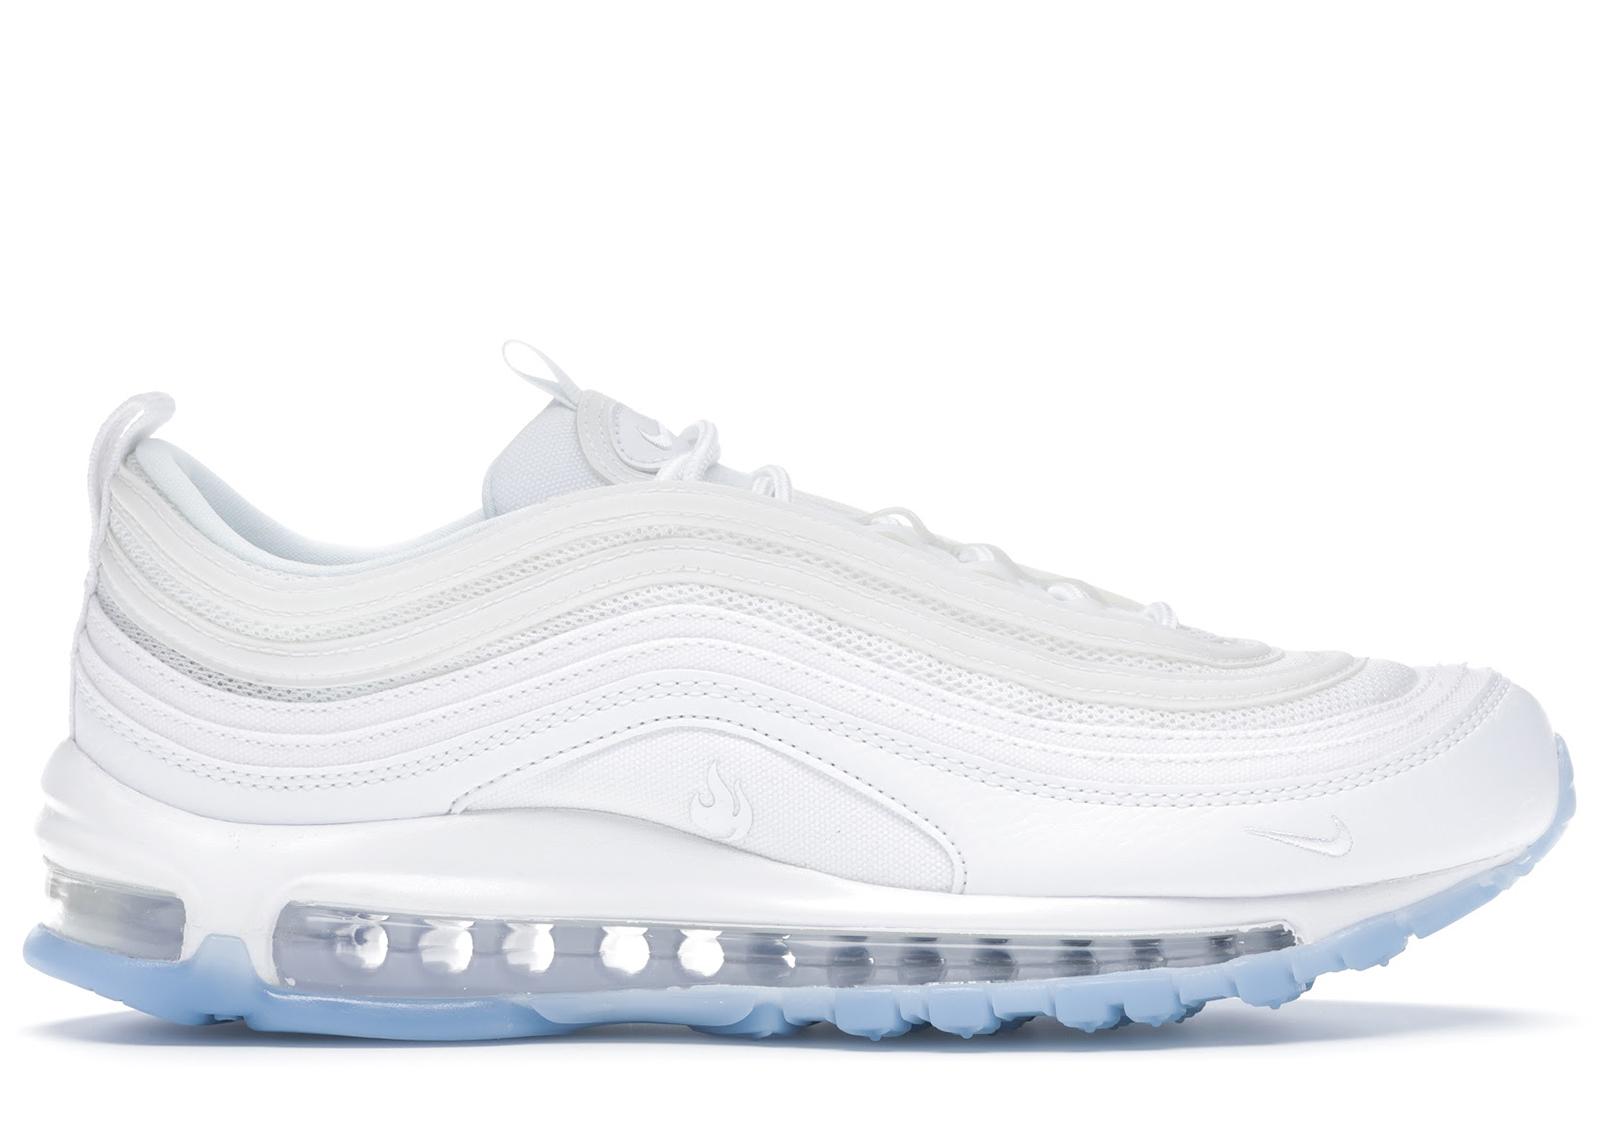 Nike Air Max 97 White Hot